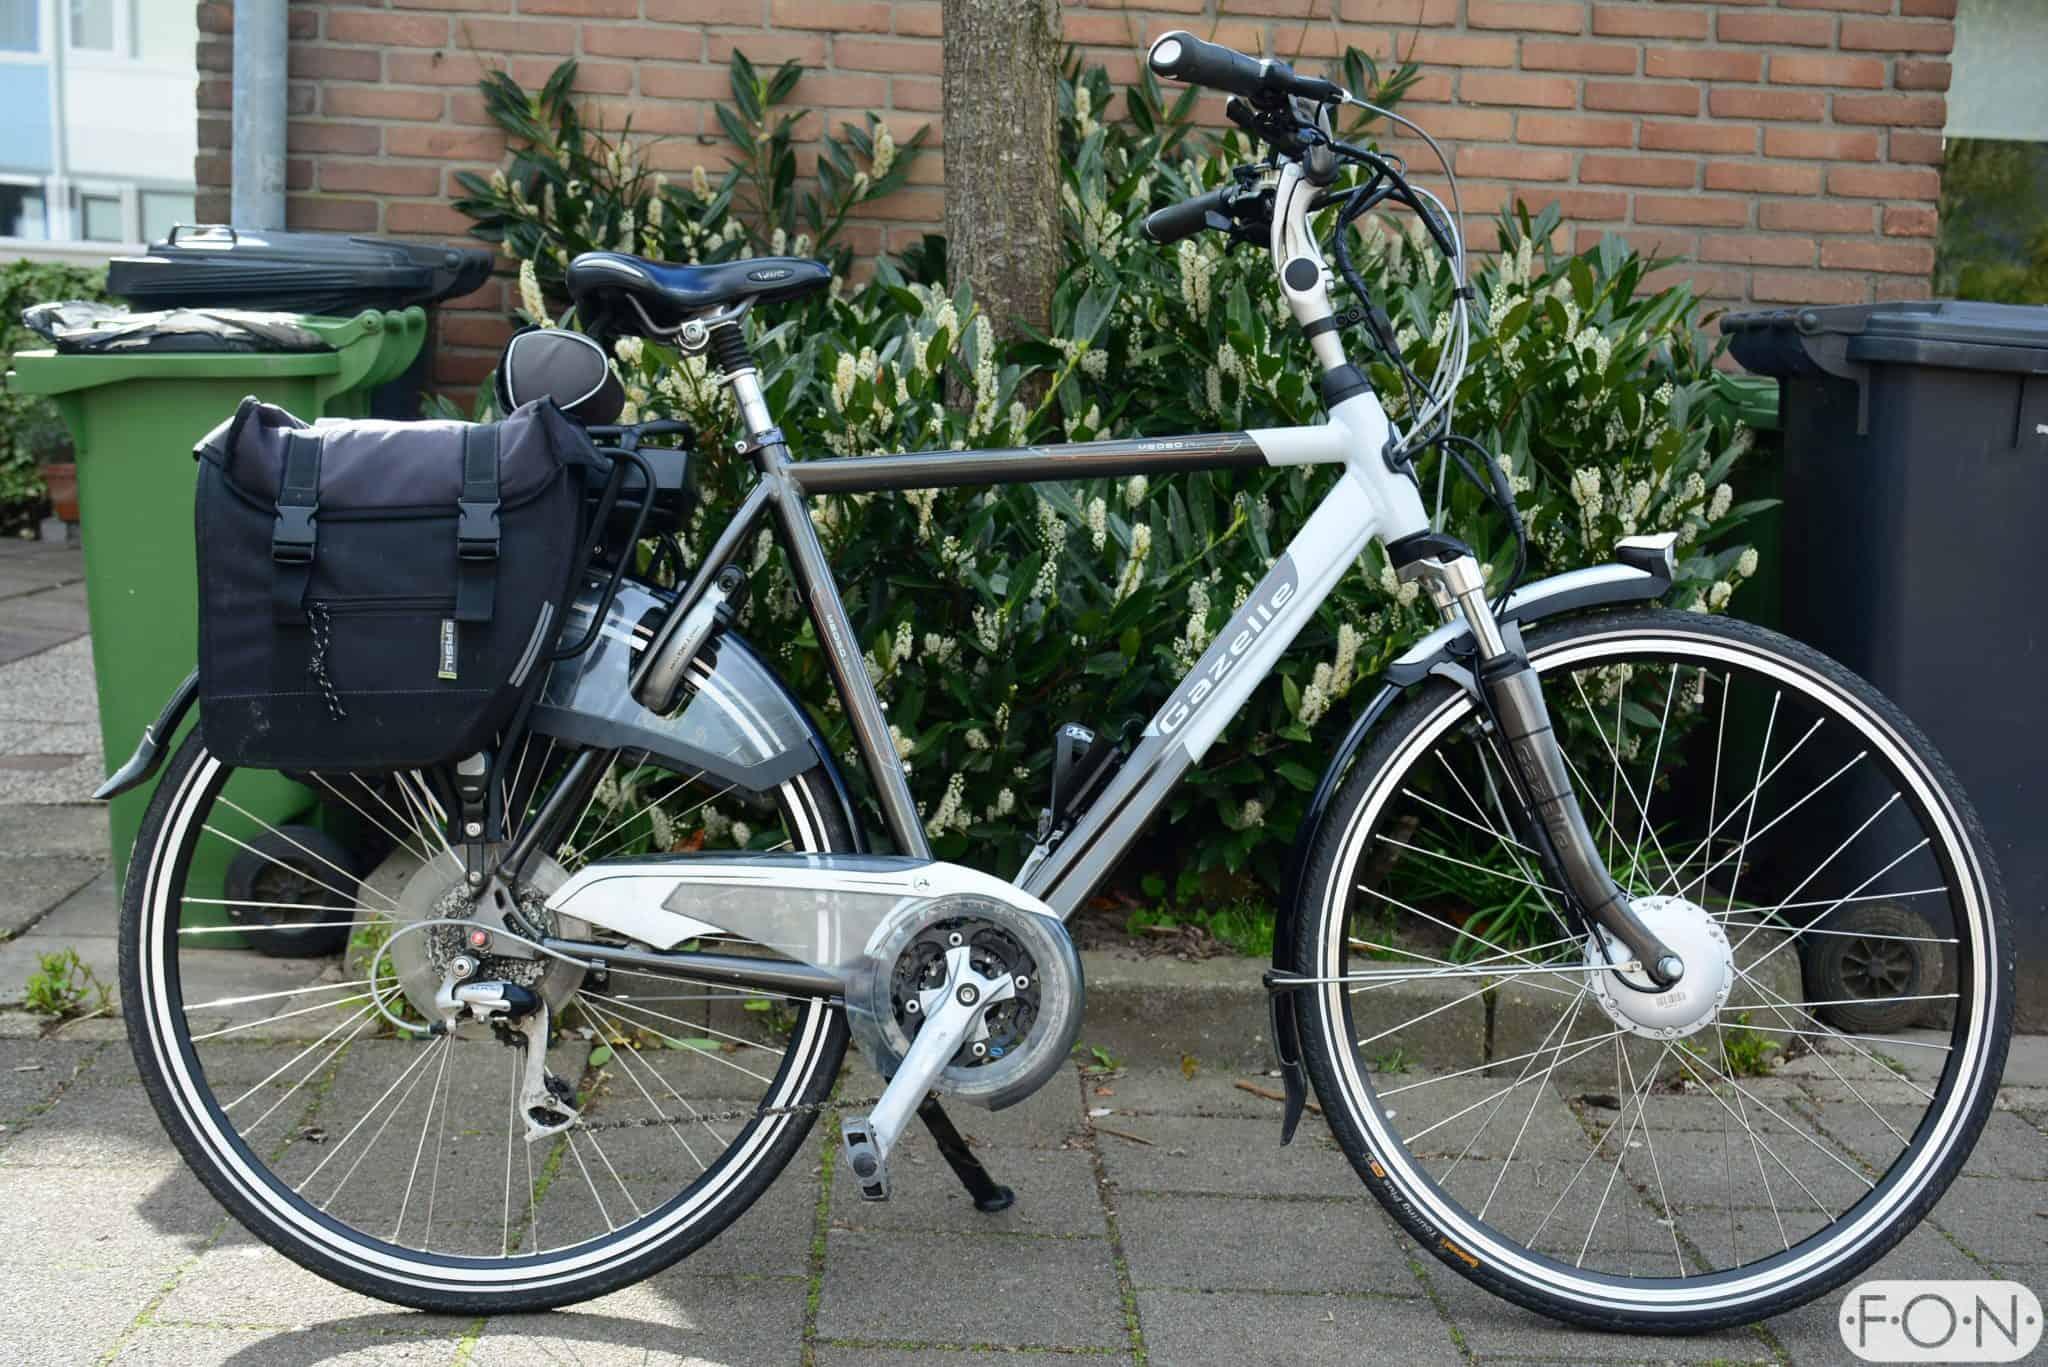 Gazelle Medeo Plus Bafang Voorwielmotor FONebike Arnhem 0539